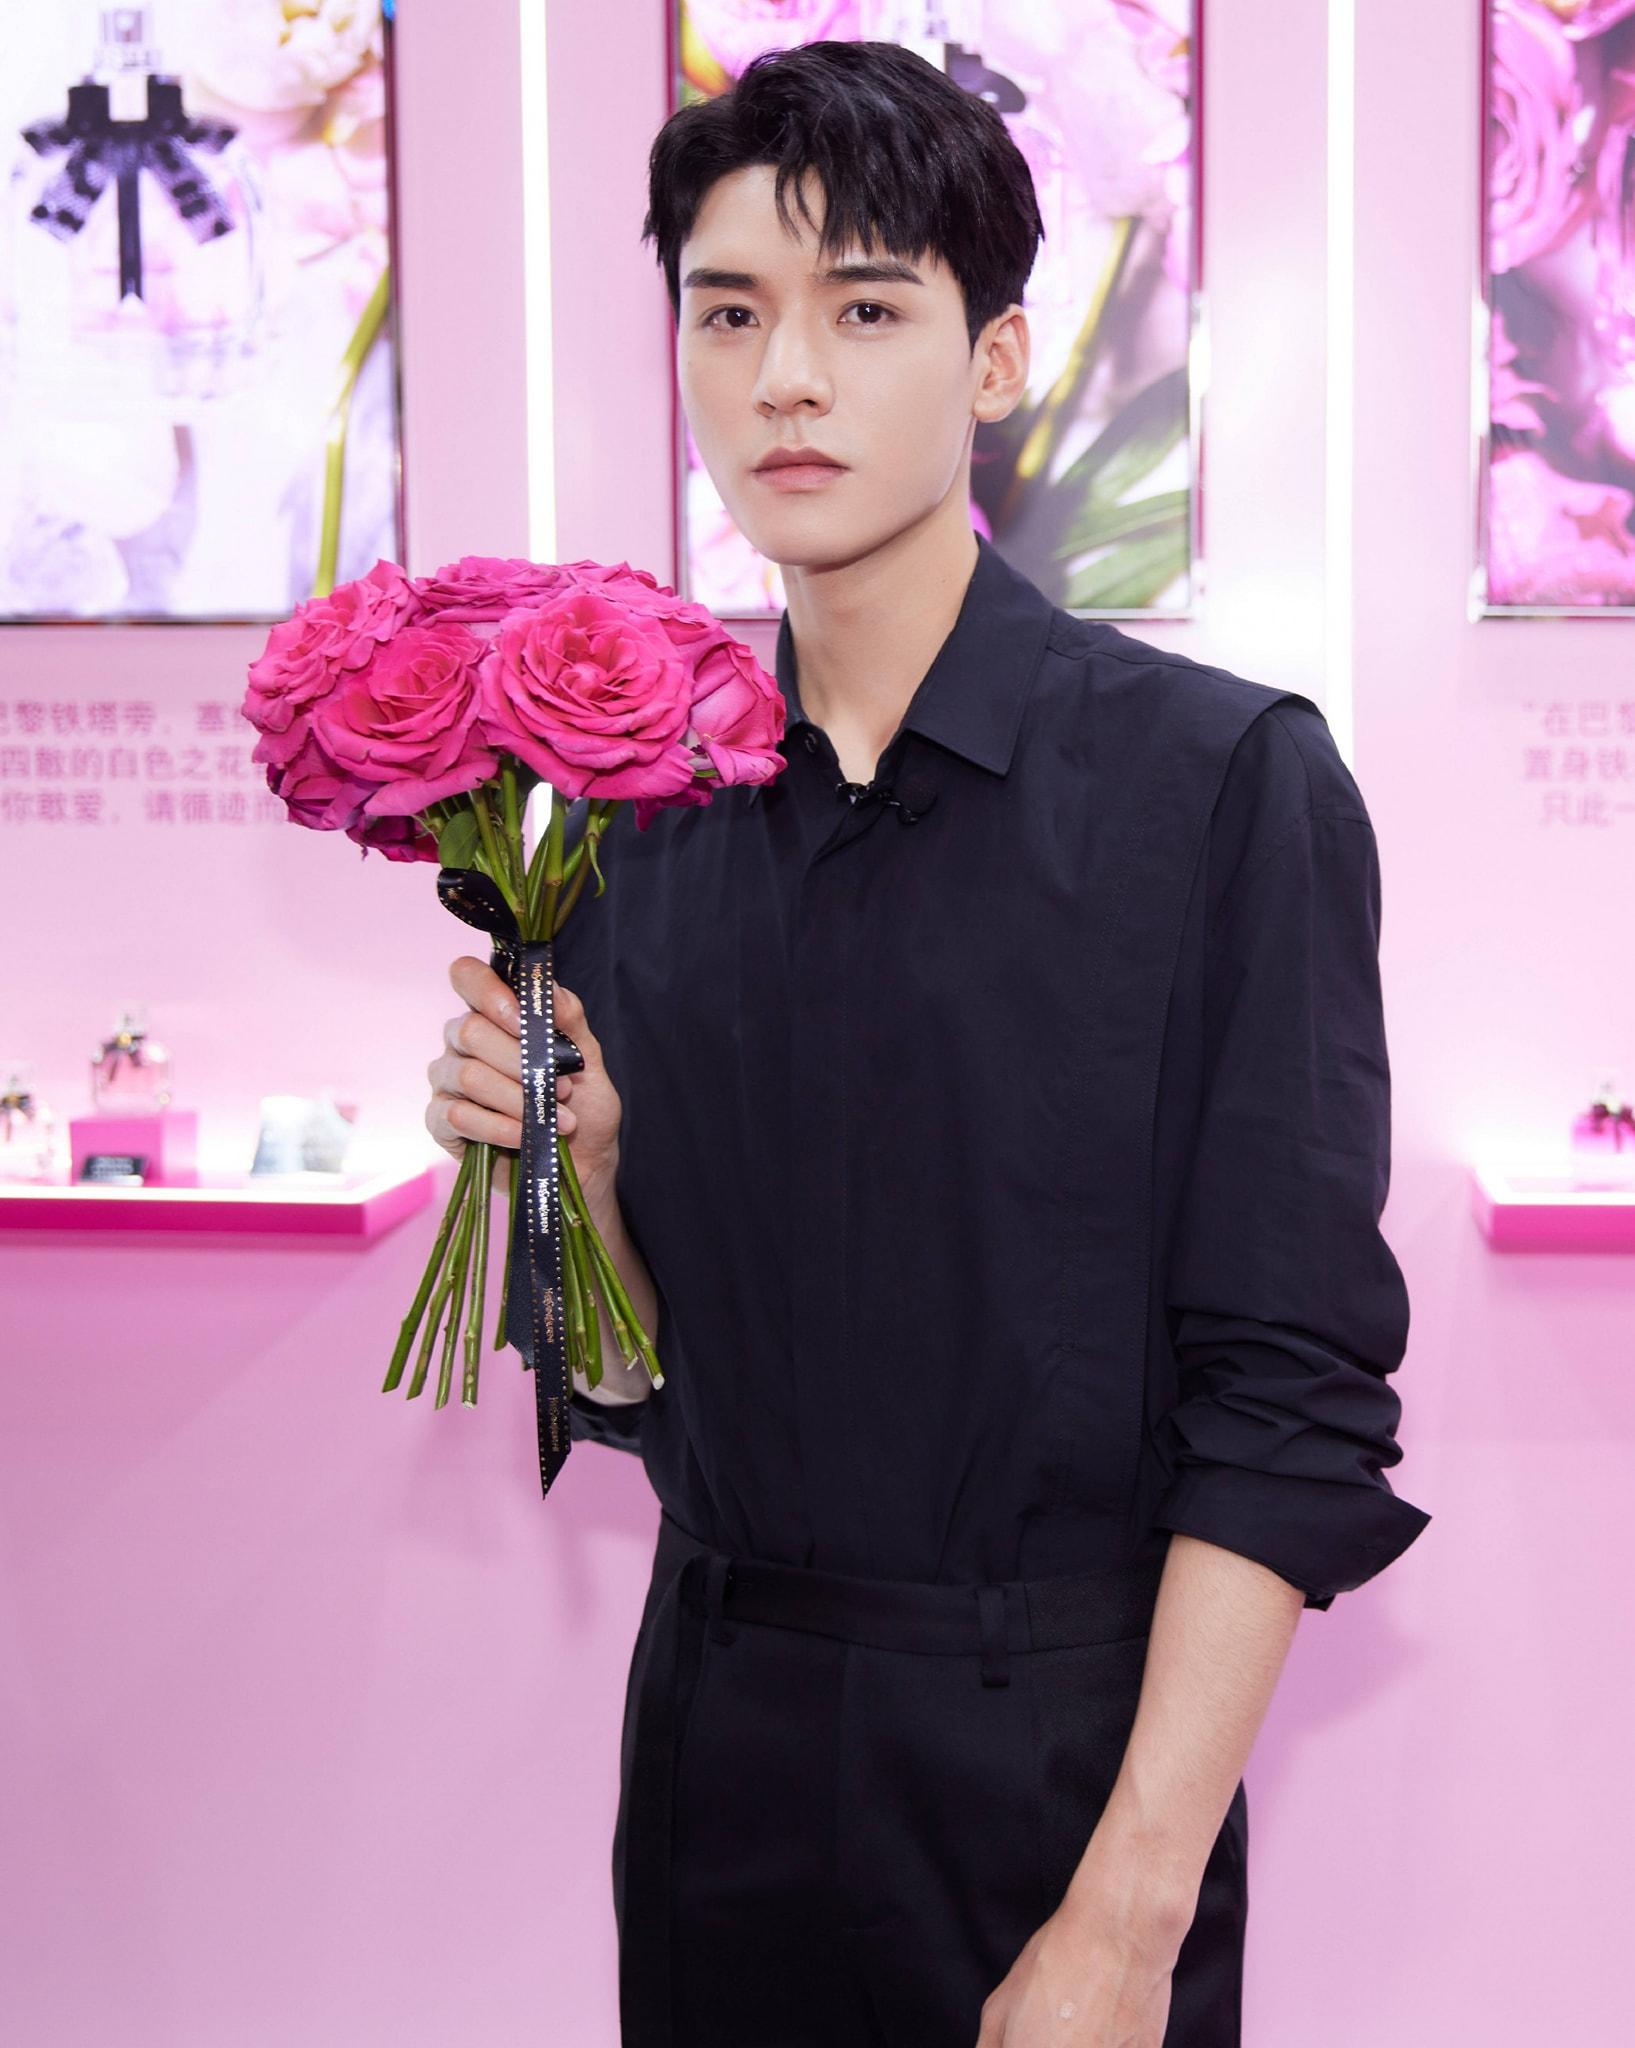 12 trai đẹp Cbiz cầm hoa tỏ tình, chàng trai nào khiến bạn gật đầu nguyện ý? 14